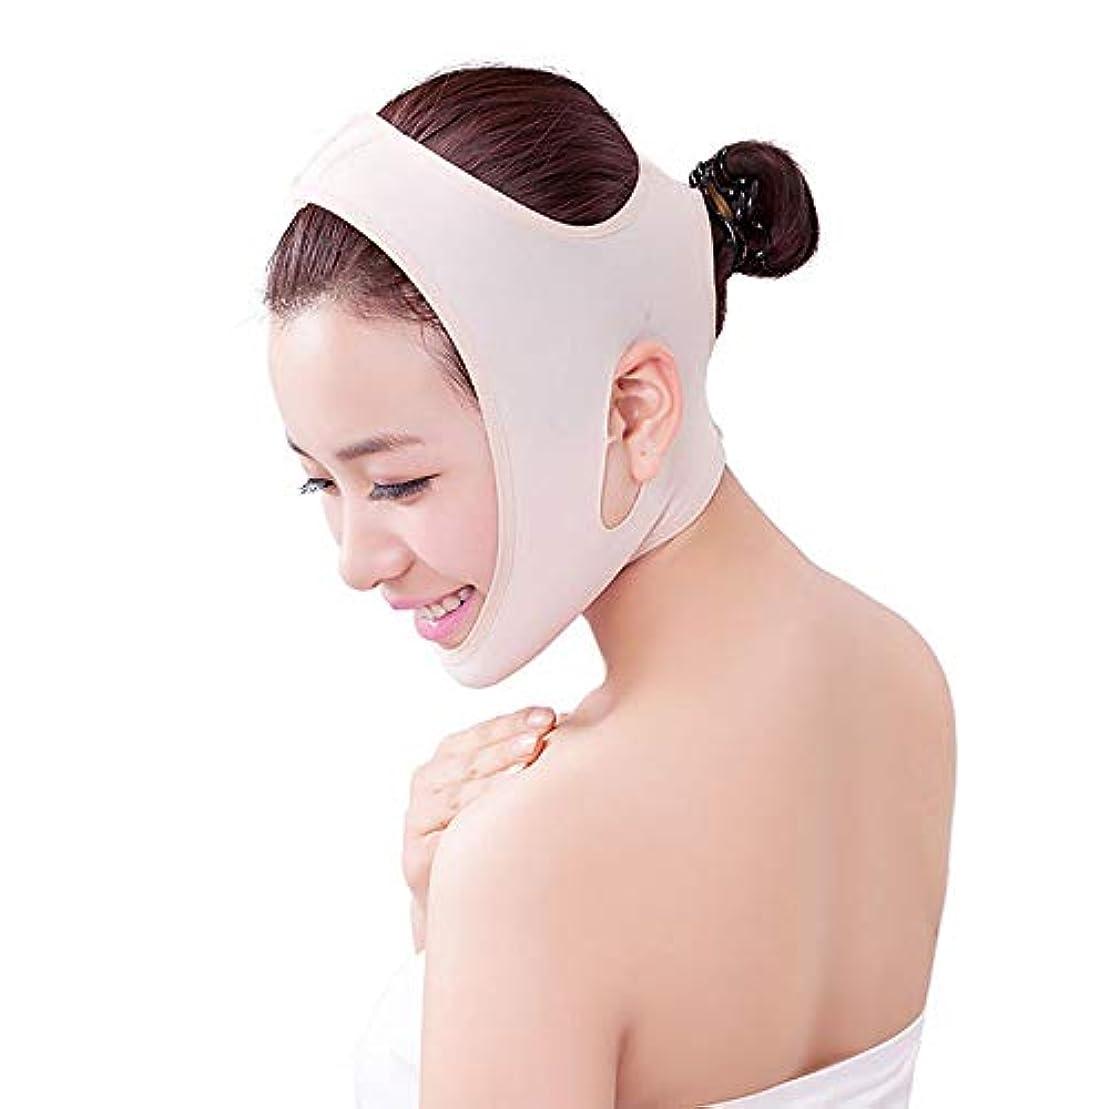 イーウェル佐賀抽象フェイスリフティング包帯、ダブルチンリフト、法律、男性用および女性用マスクへの固着、vフェイスマスク,XL